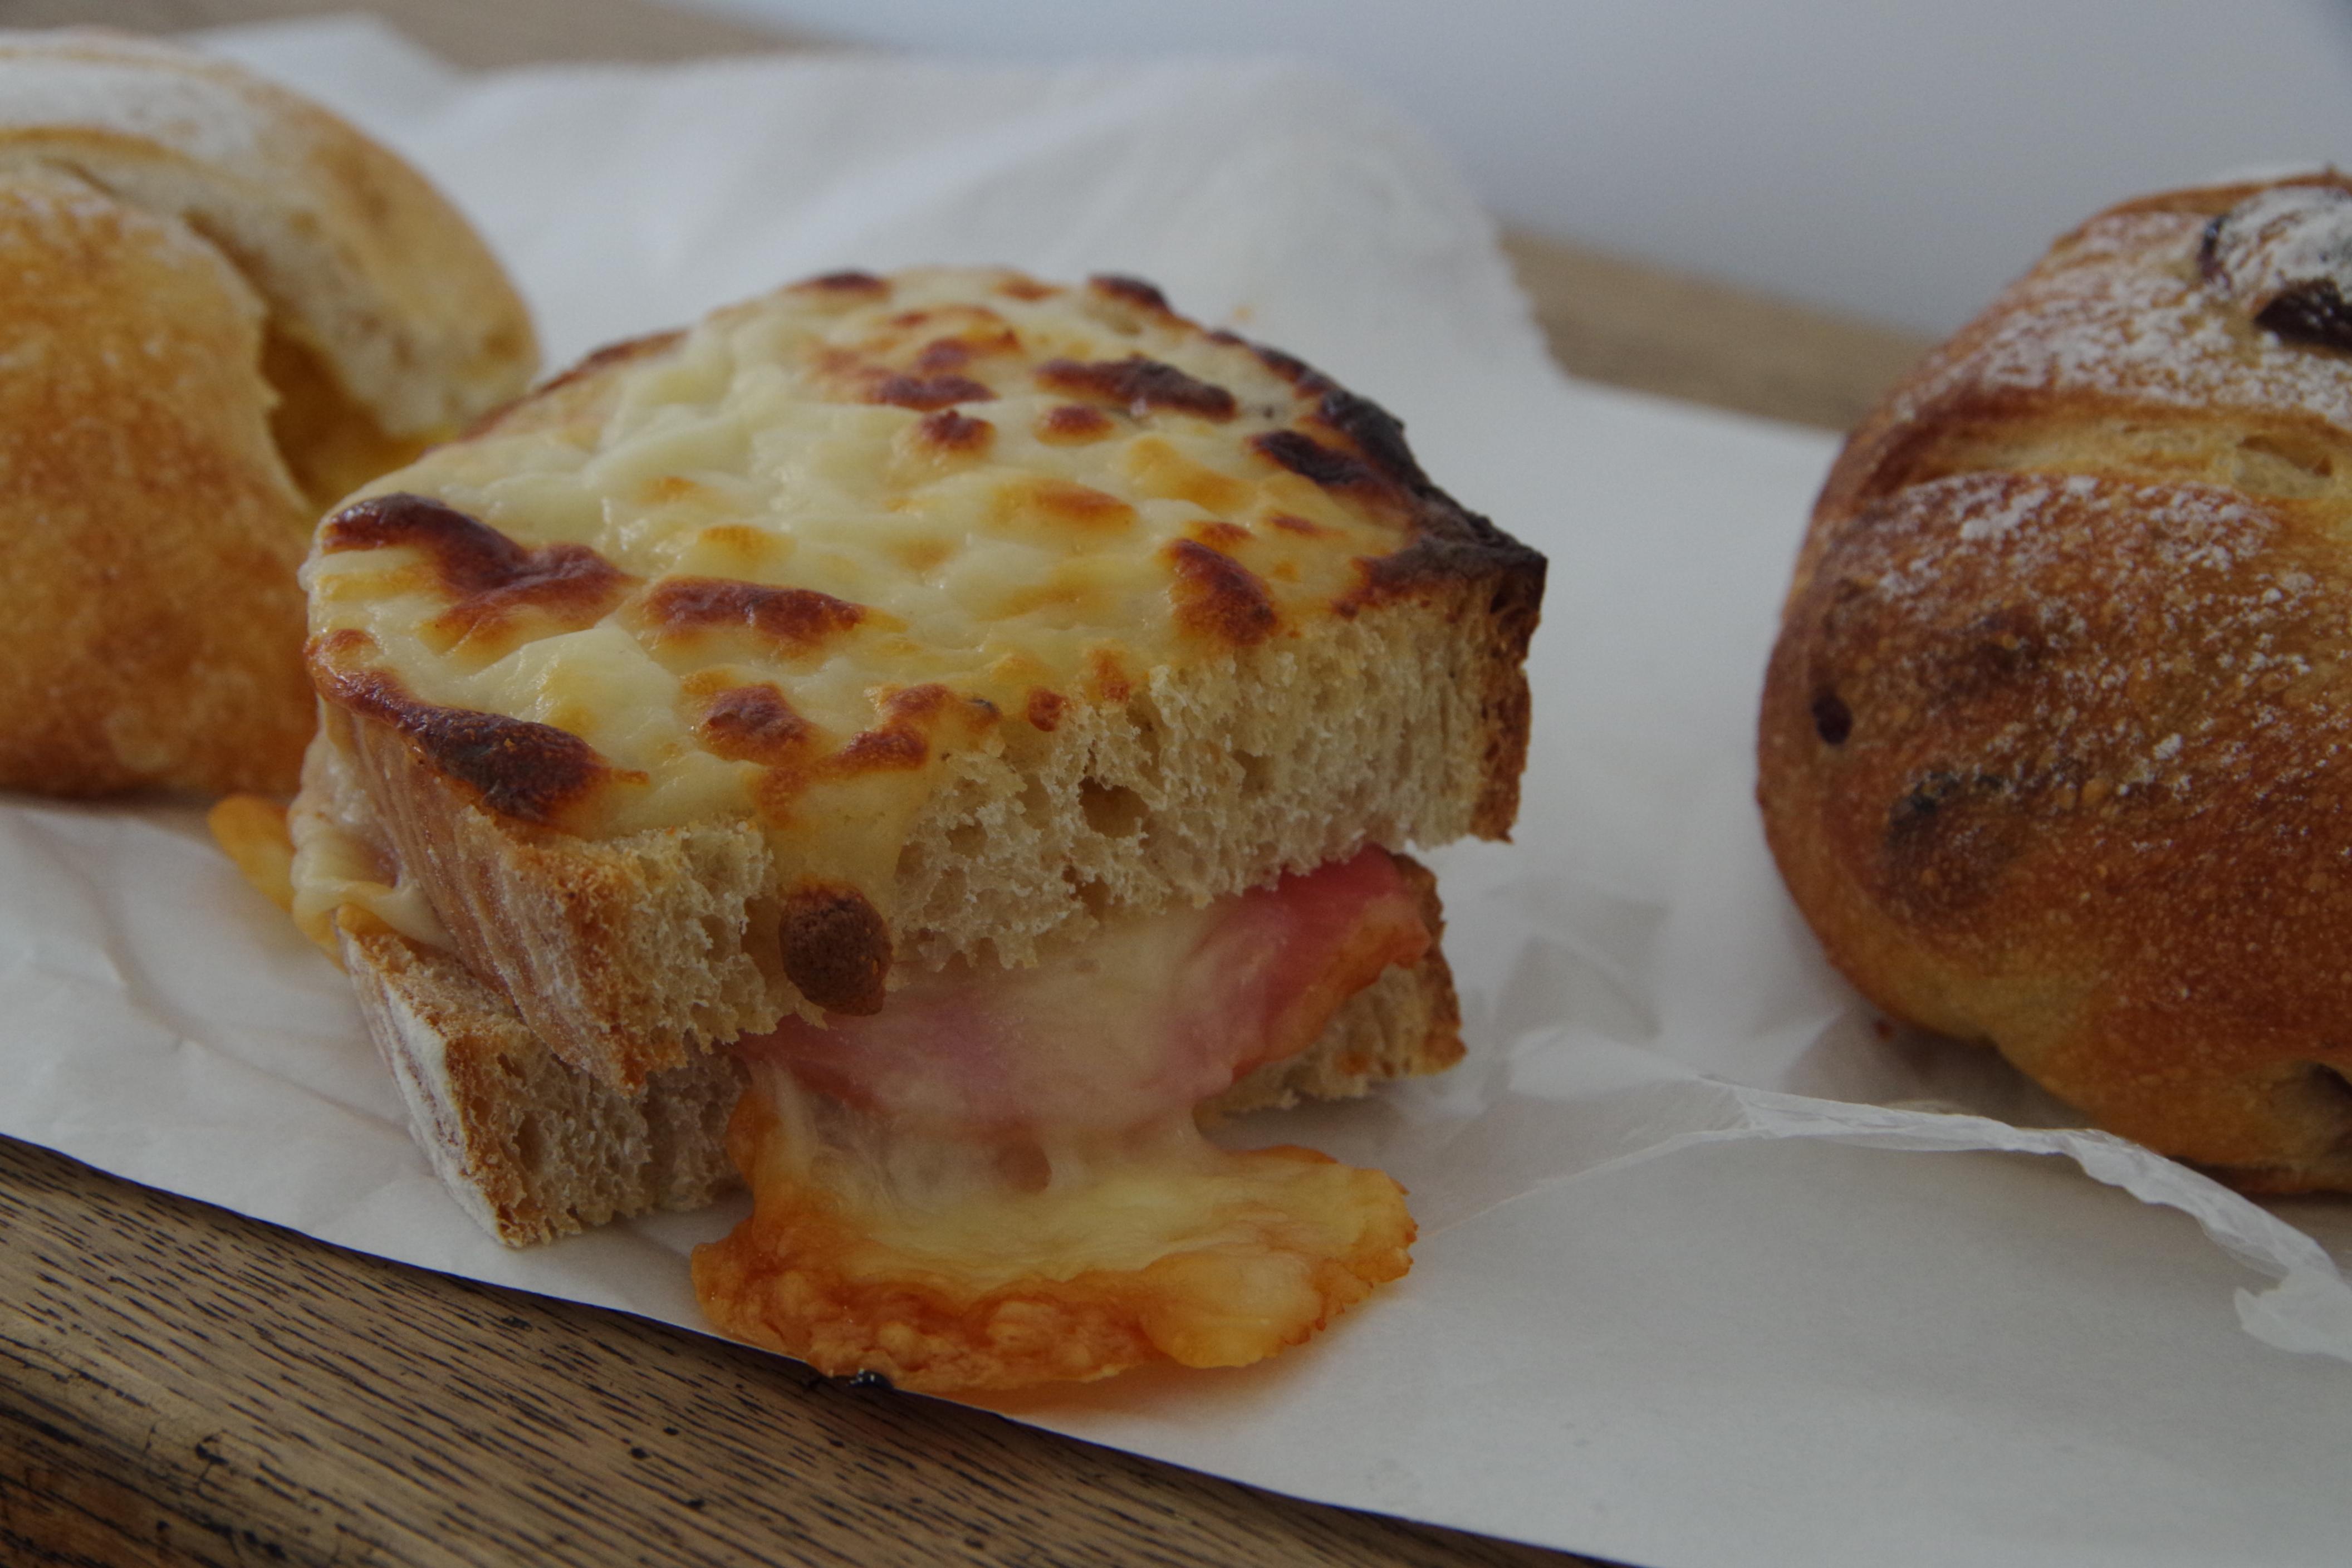 自家製酵母のパン屋カフェ「fika(フィーカ)」で癒される@五泉市